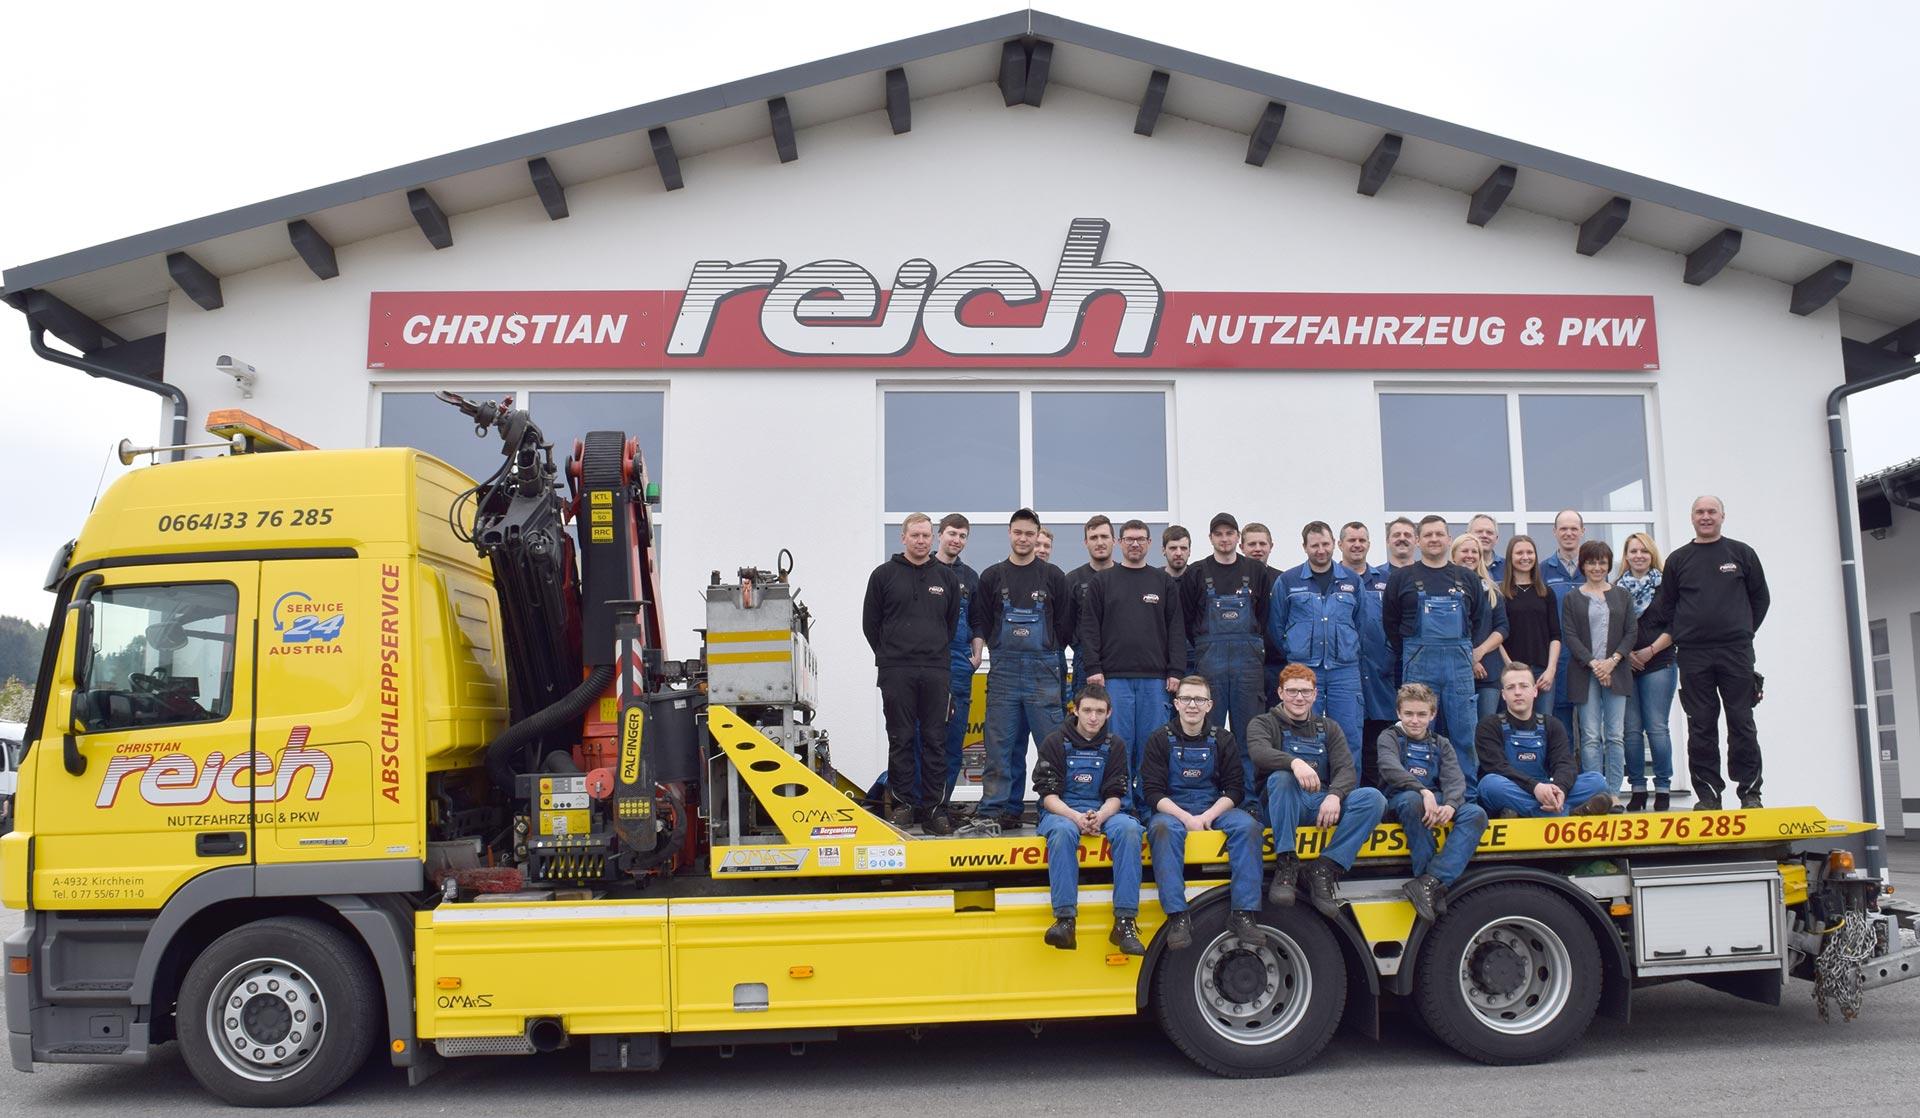 team reichm kfz